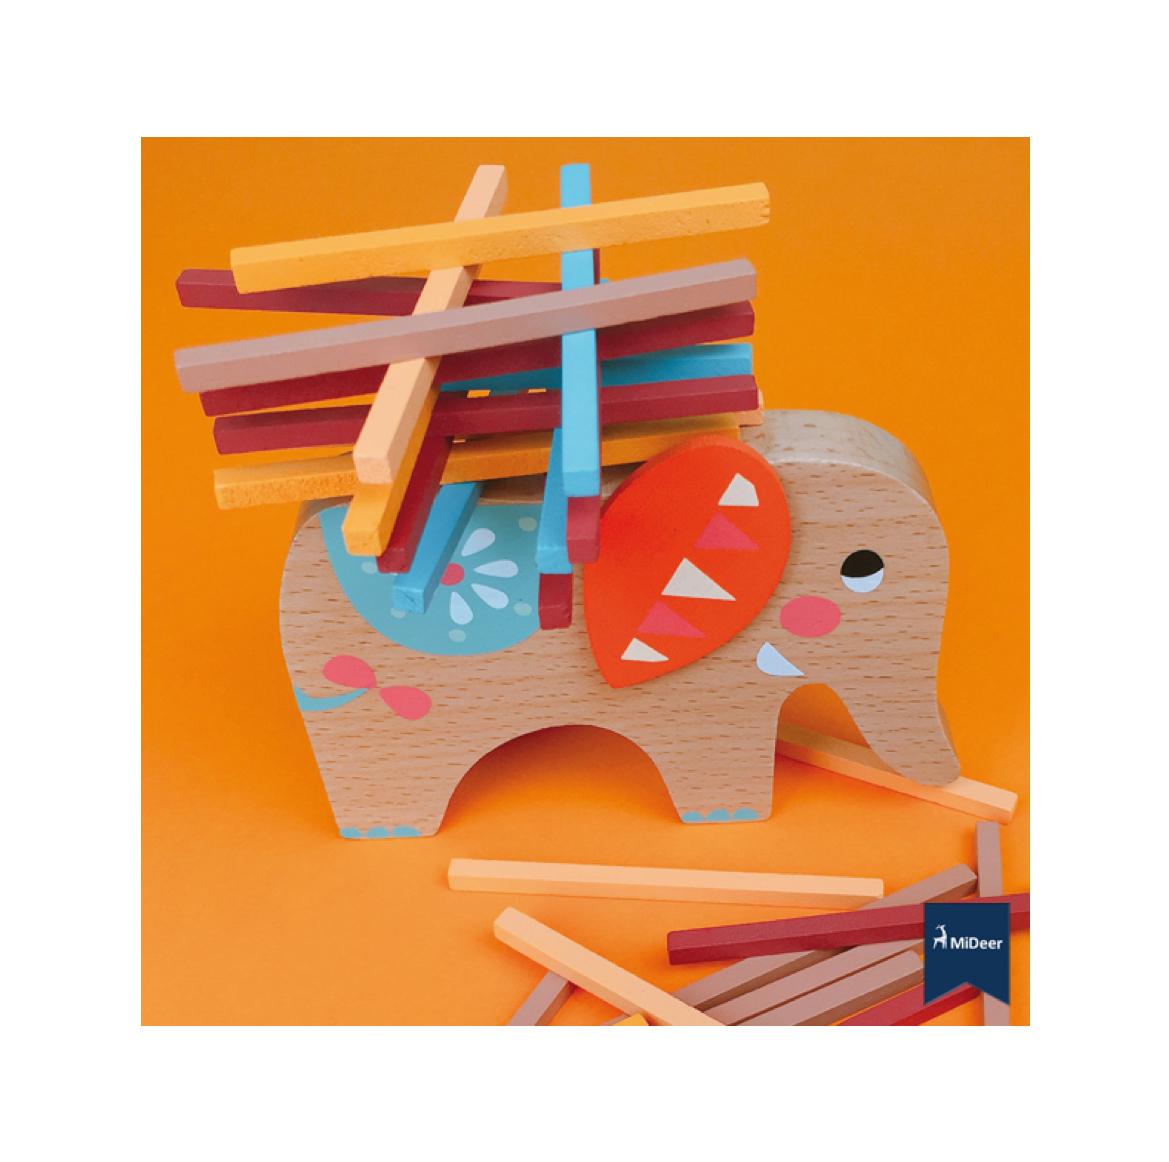 balance-elephant-de-mideer-en-el-mundo-de-mico-2